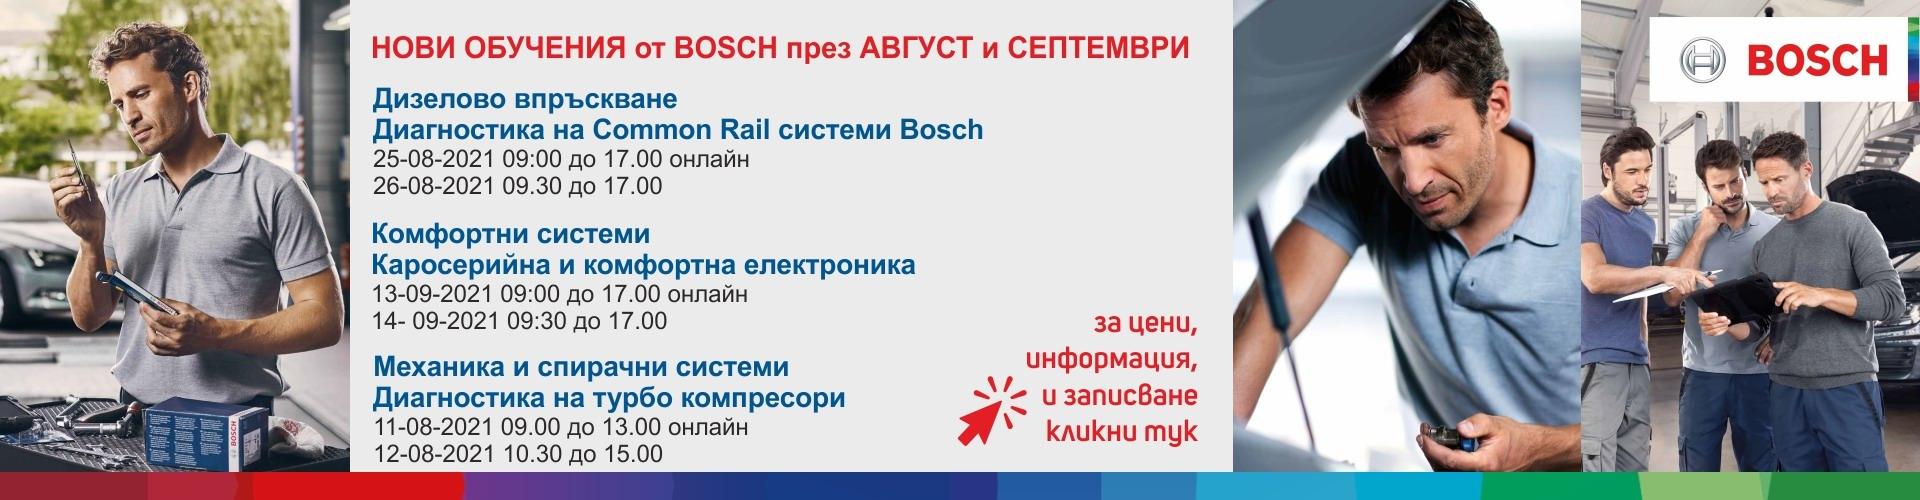 bosch_online_training_2021_august_september_banner.jpg